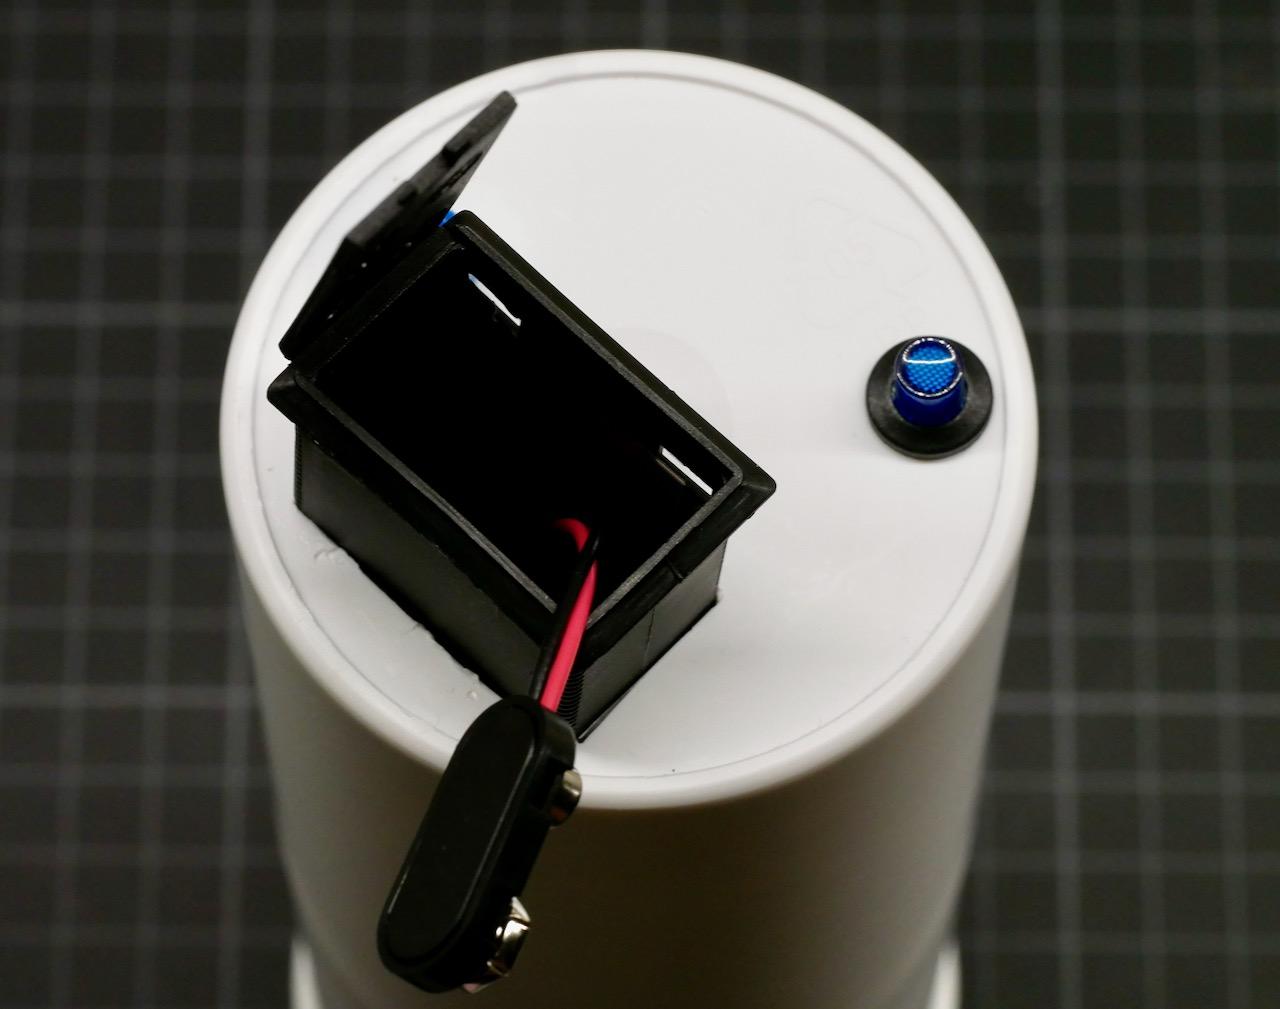 Batteriefach herausziehen